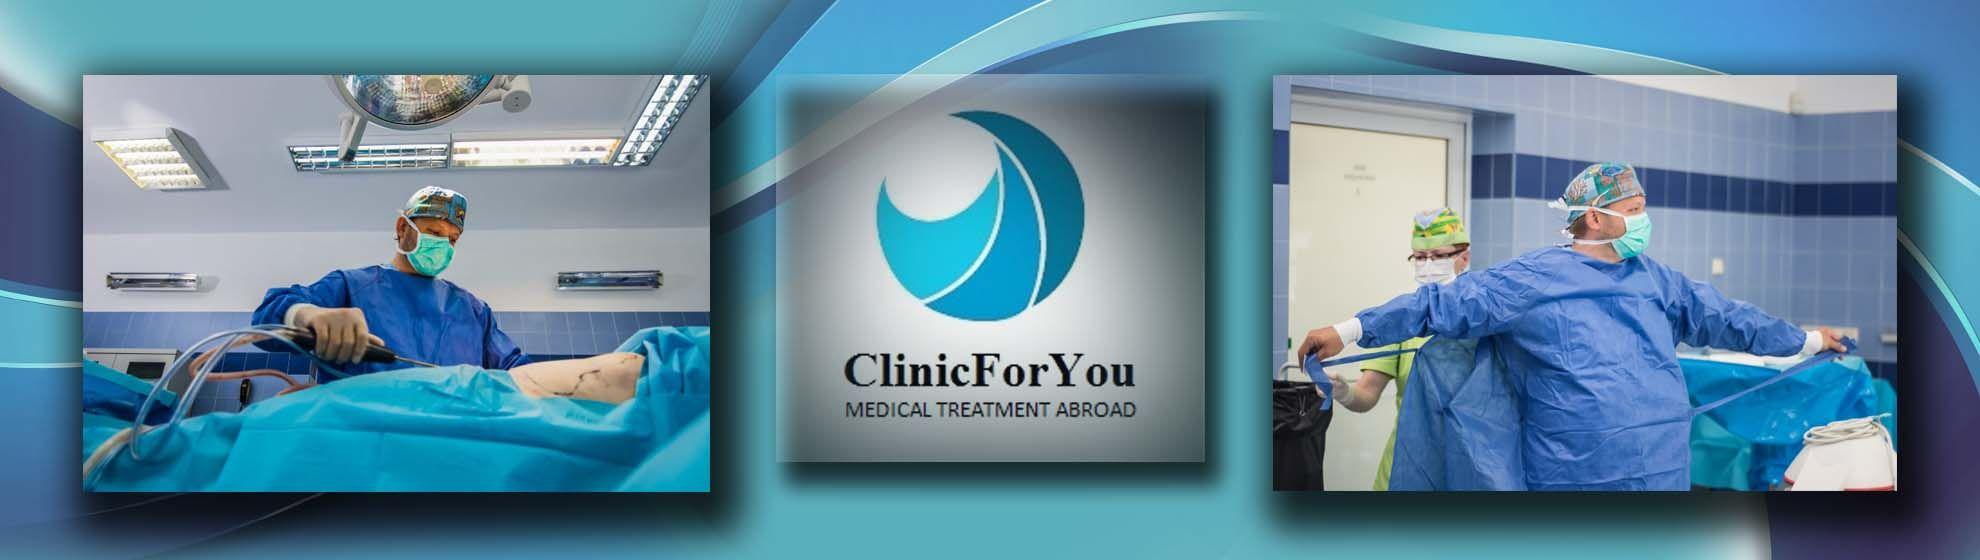 ClinicForYou